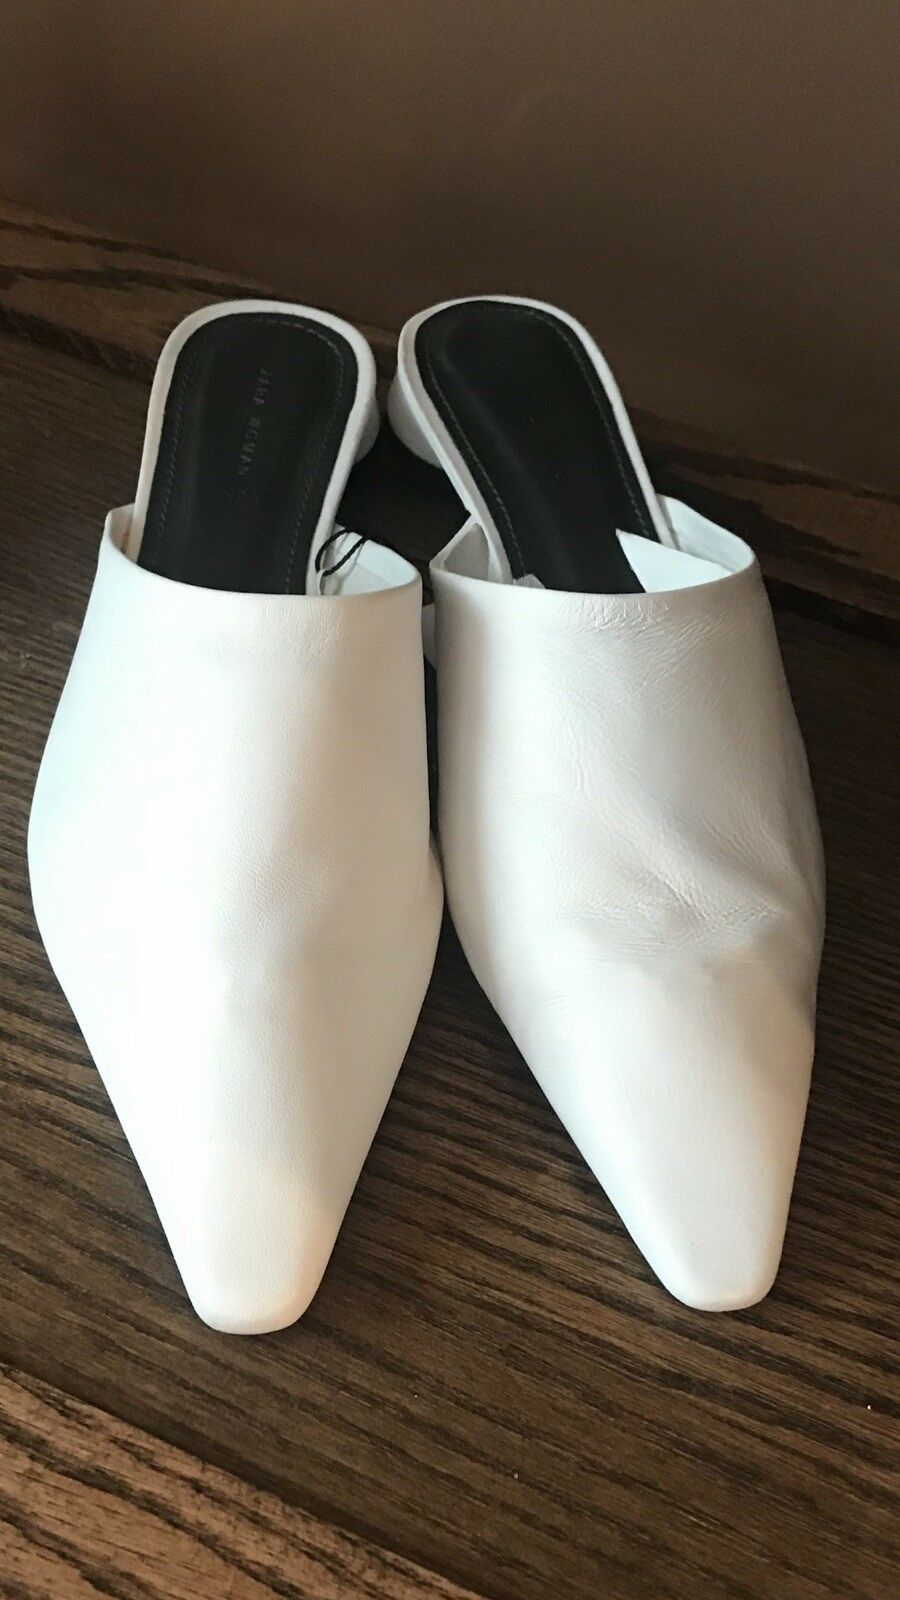 Zara nuevo Mujer Suave Cuero blancoo blancoo blancoo Mulas resbalón en tamaño de pisos su 9  toma